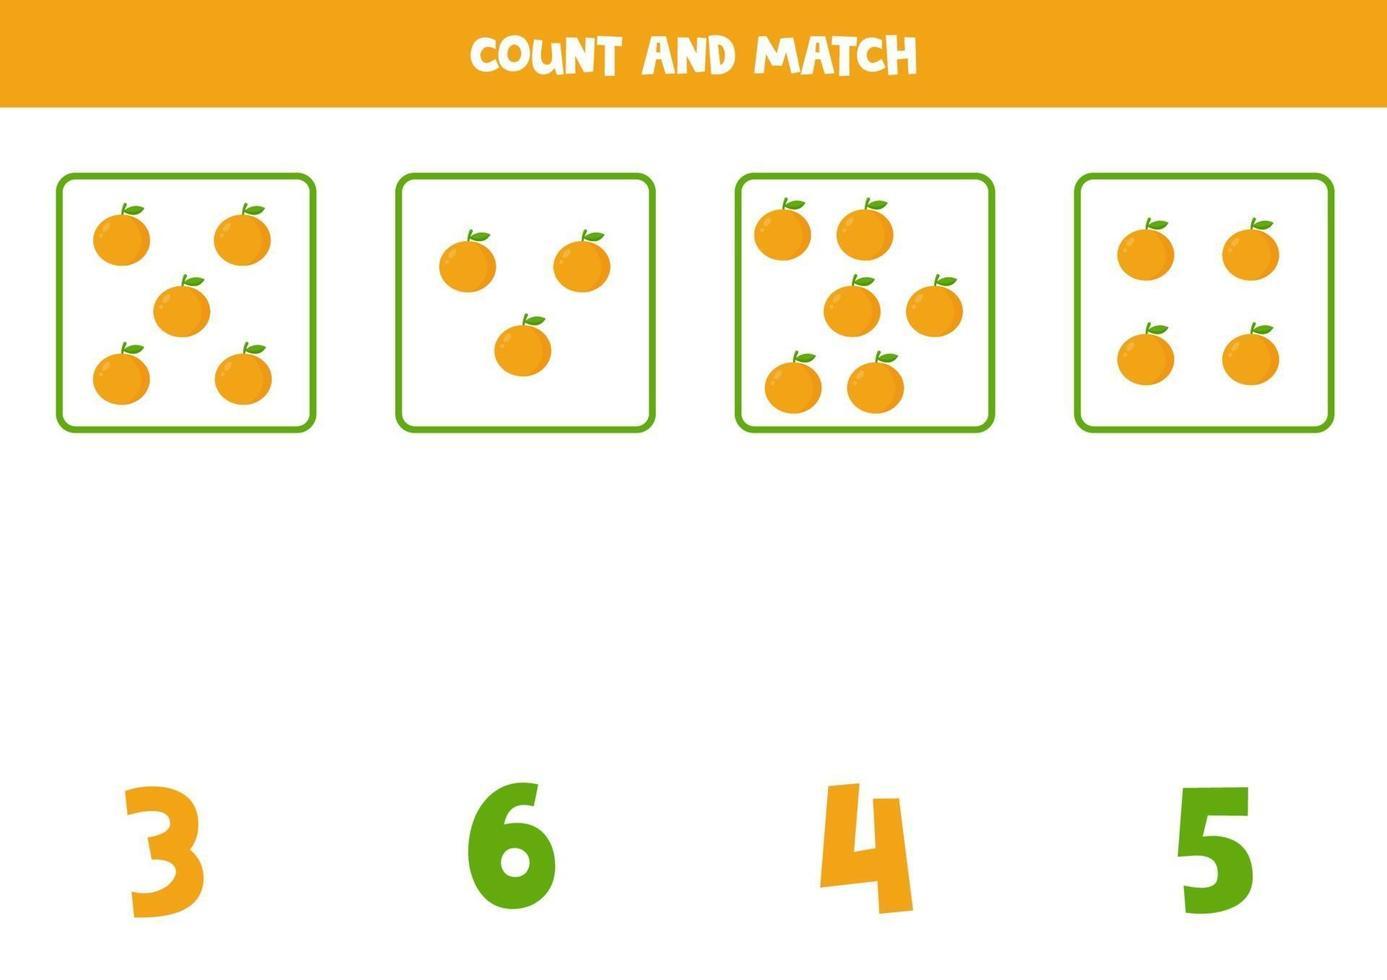 conteggio del gioco per bambini. gioco di matematica con le arance dei cartoni animati. vettore